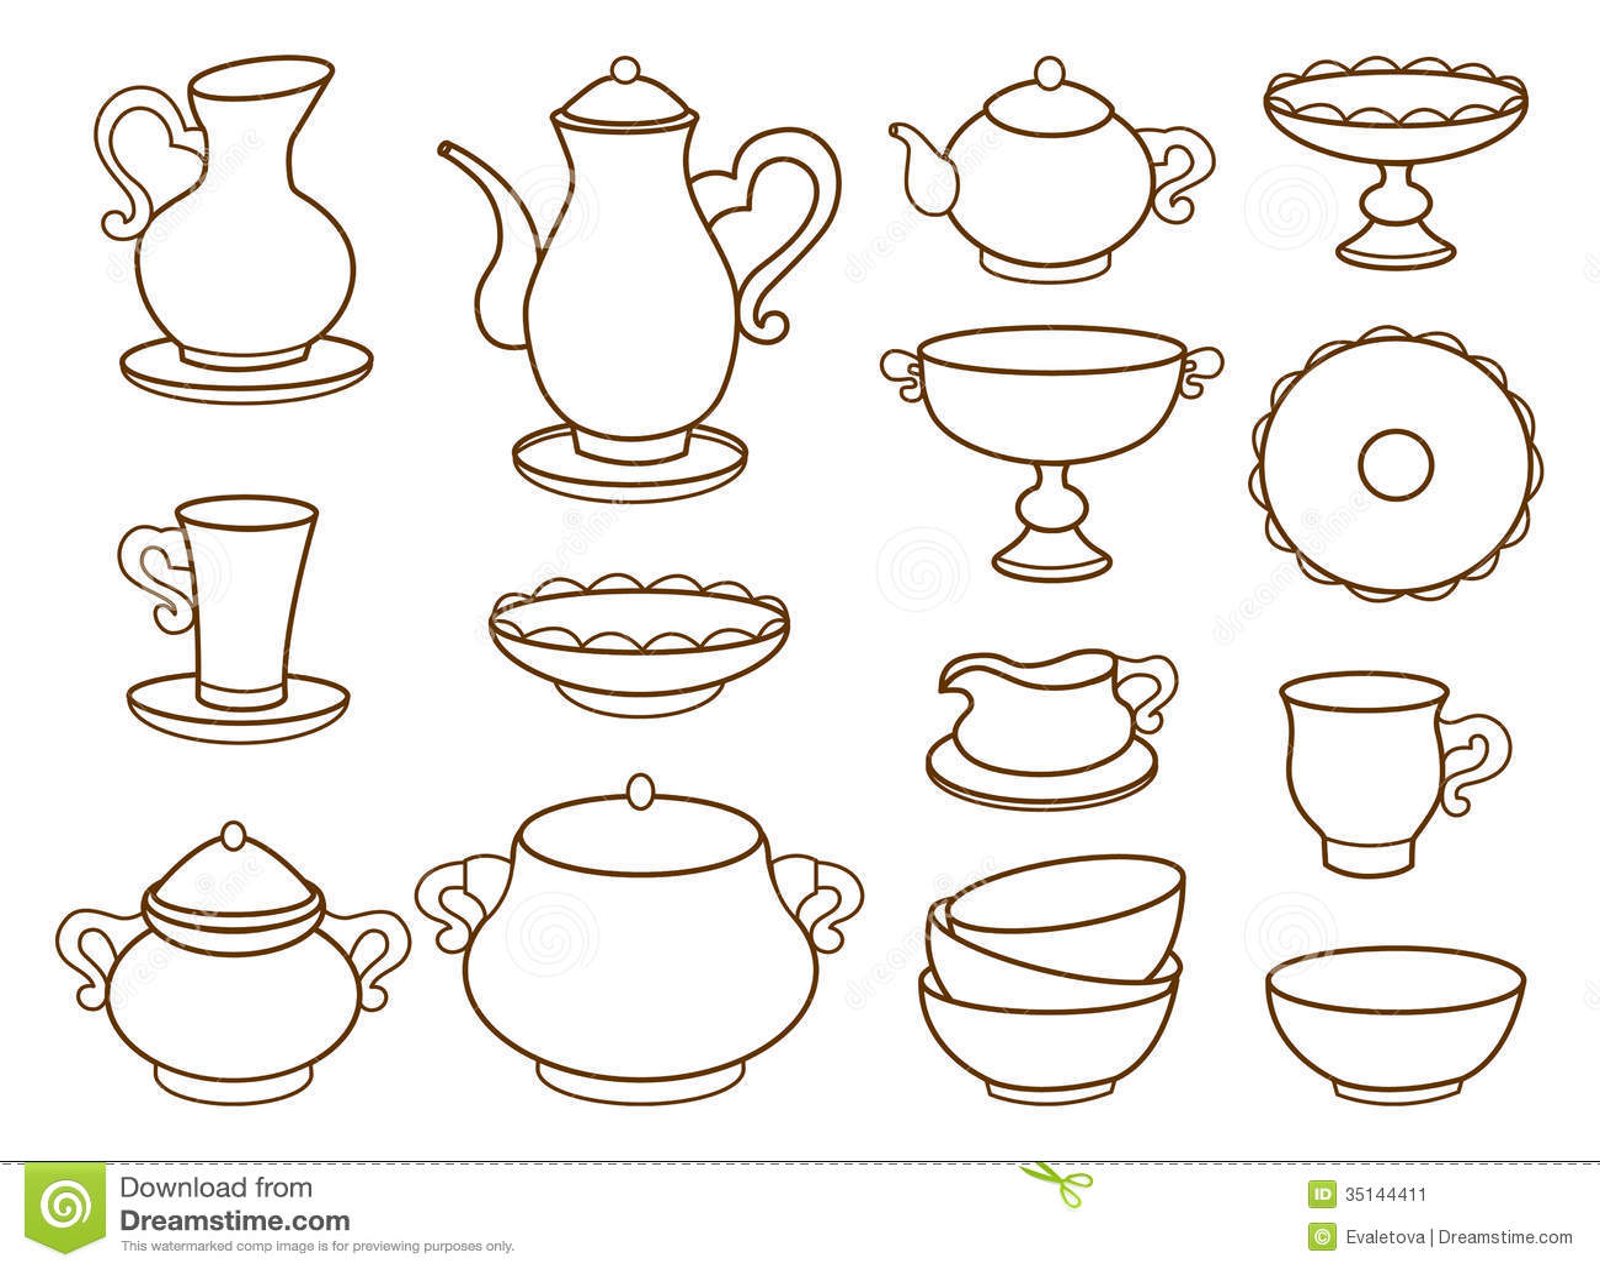 Raccolta Delle Stoviglie Della Porcellana Per Tè (libro Da Colorare). #4F1F00 1300 1048 Utensili Da Cucina Disegni